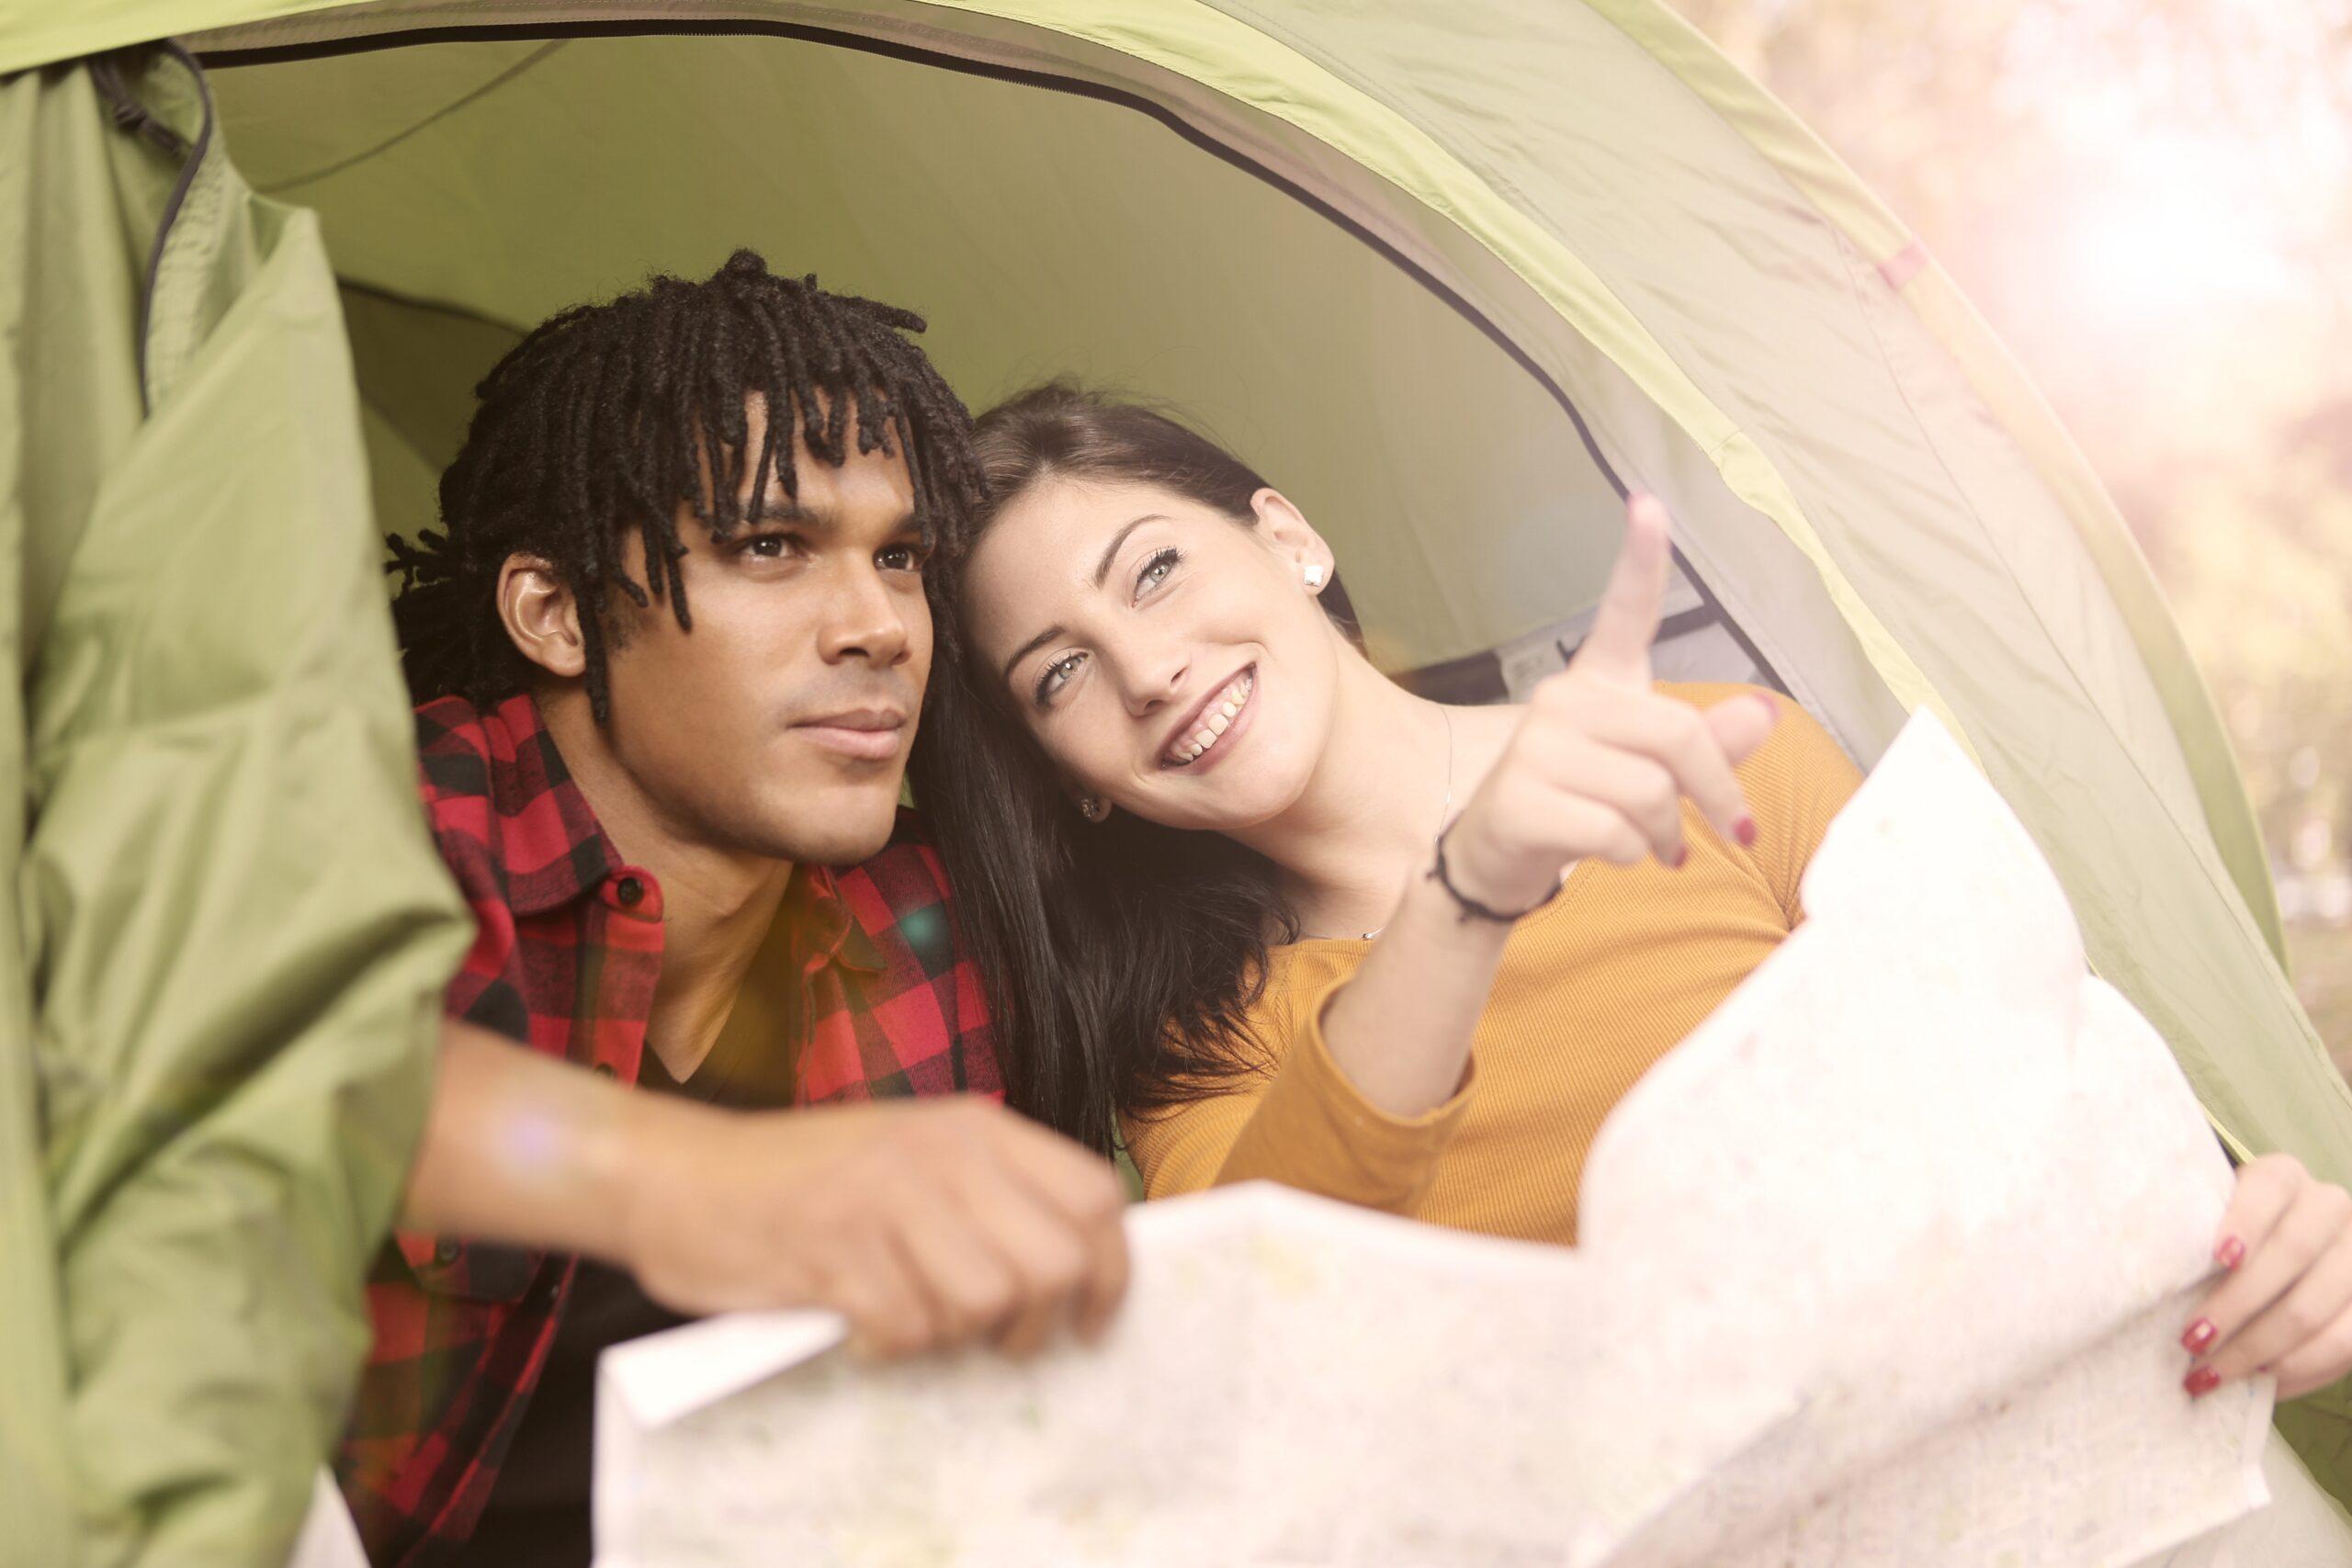 Un homme et une femme dans une toile de tente. Ils regardent une carte et la femme montre au loin avec son index